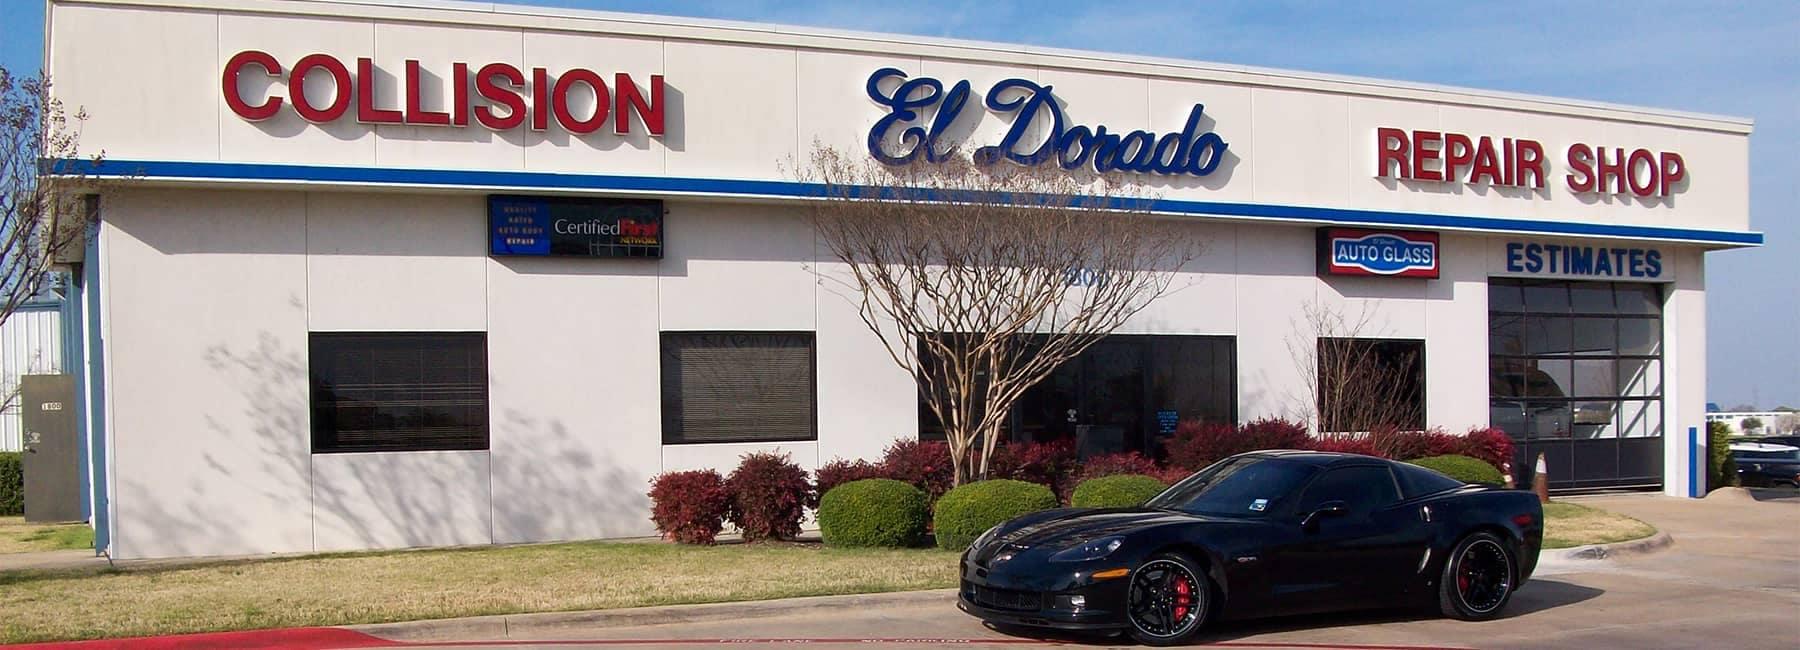 El Dorado Collision Center and Repair Shop